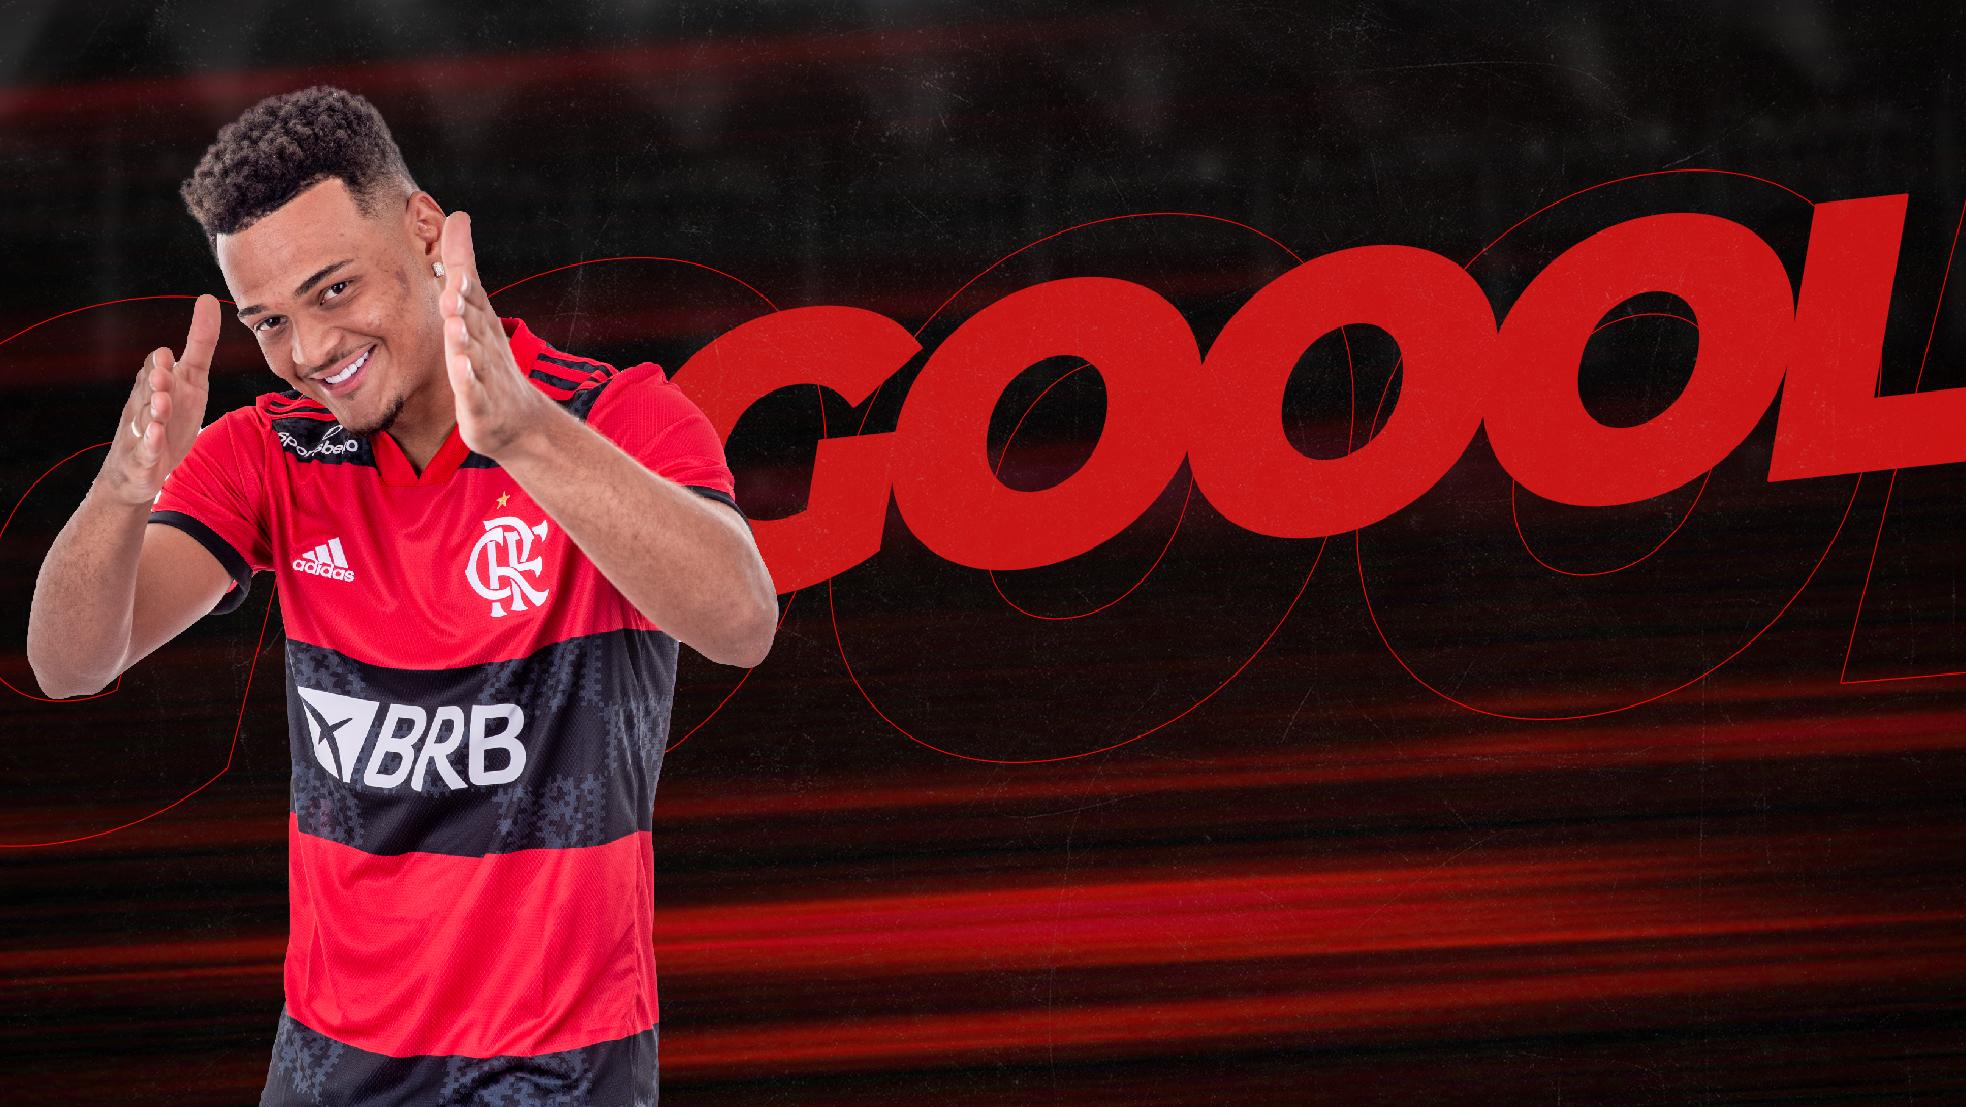 GOOOOOOOOOOOOOOL! Muniz abre o placar para o Flamengo no Maracanã